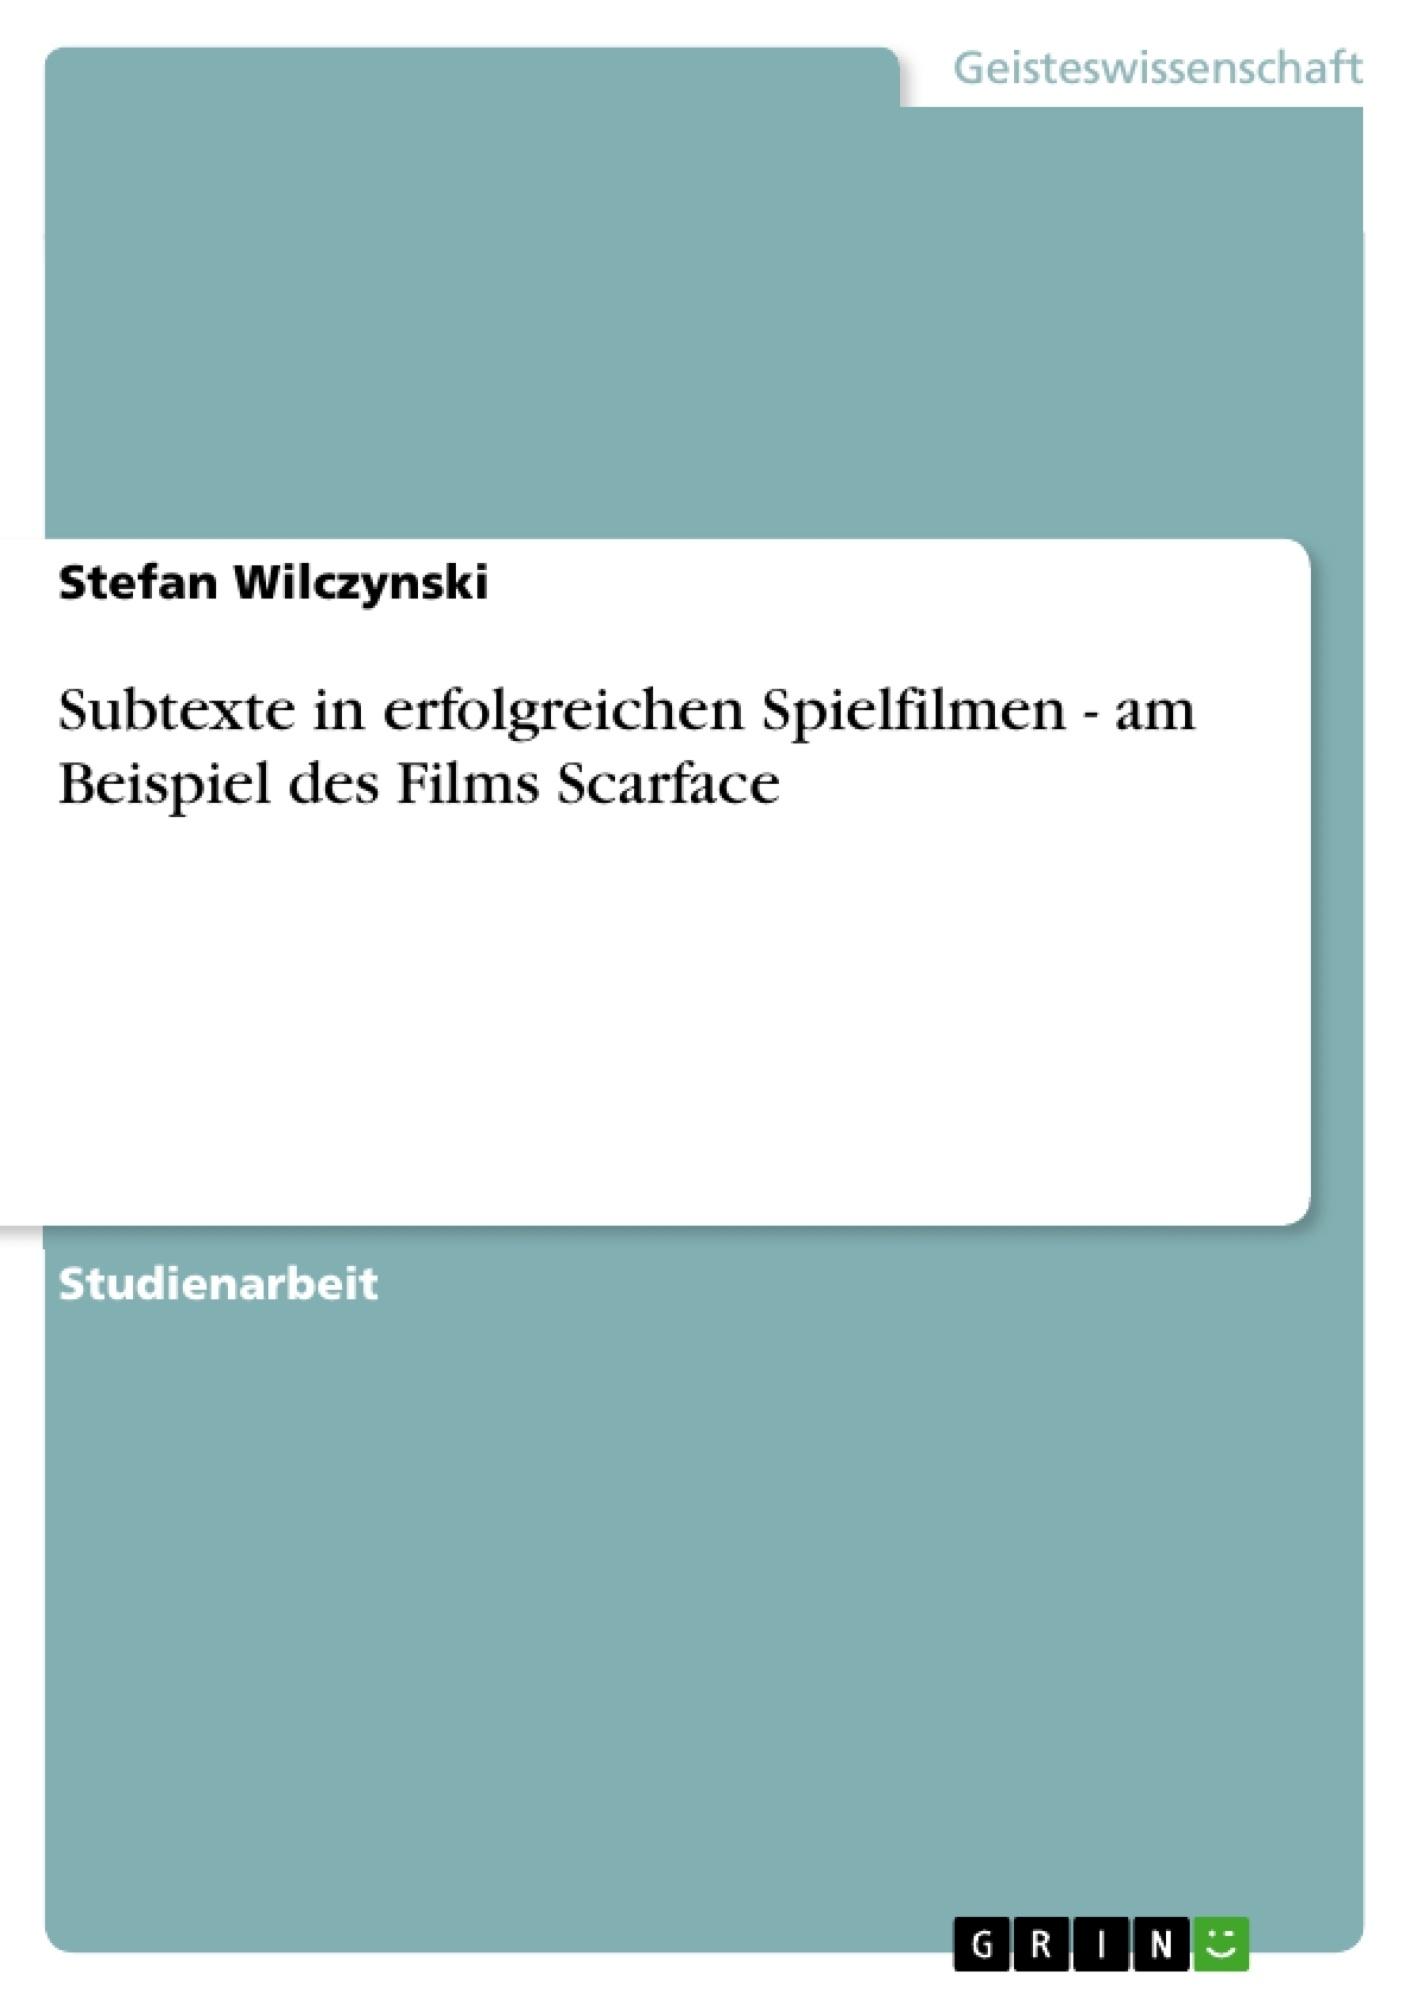 Titel: Subtexte in erfolgreichen Spielfilmen - am Beispiel des Films Scarface